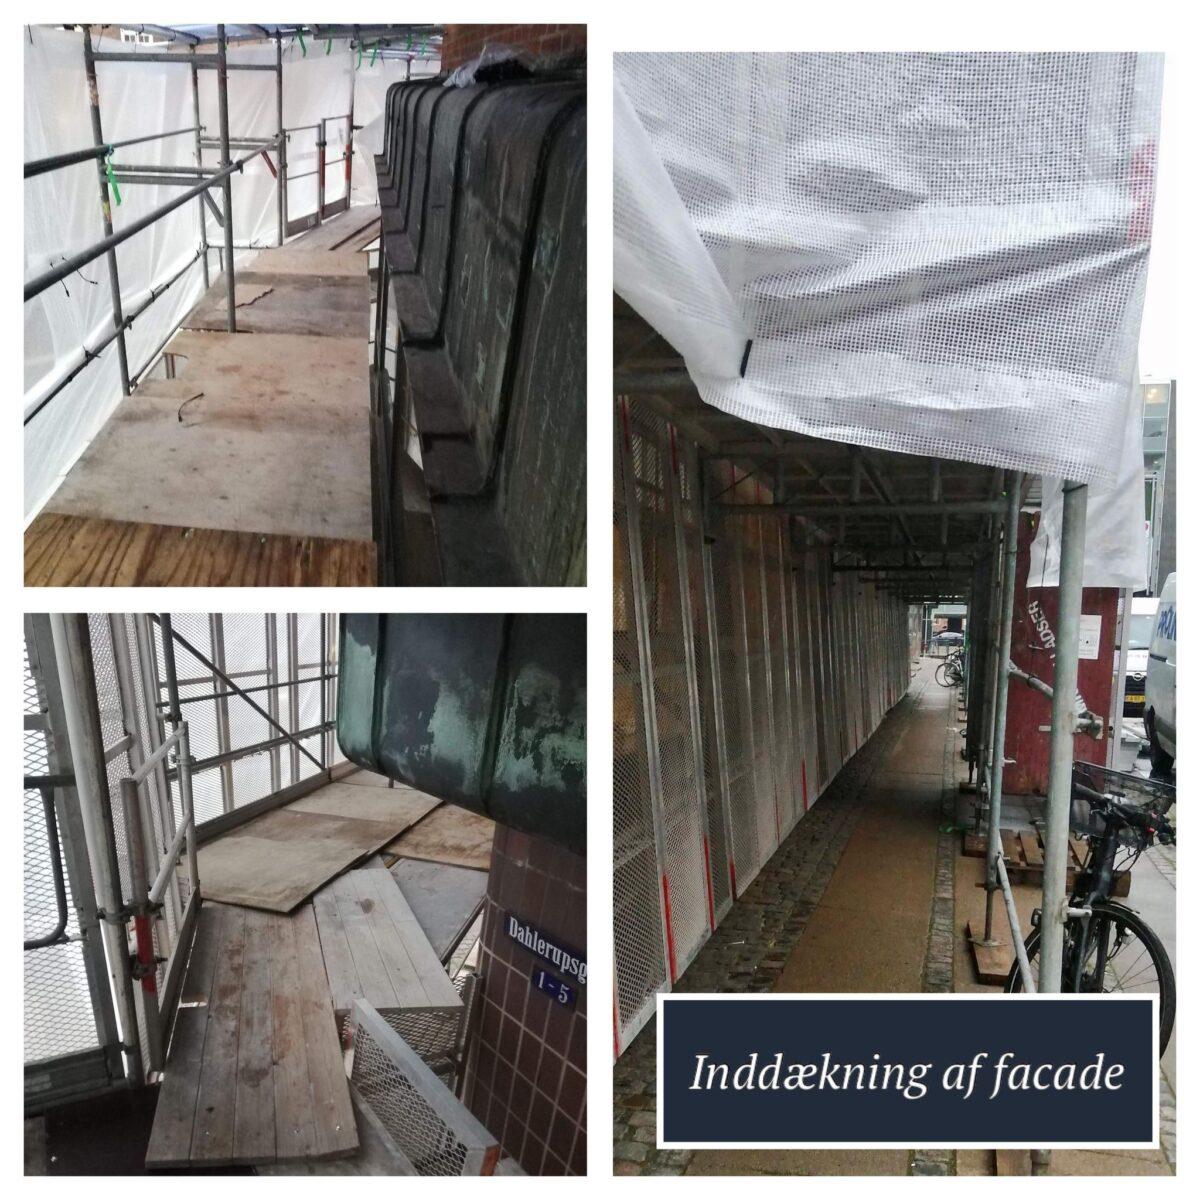 Inddækning af facade med plastik og tyveriskærm